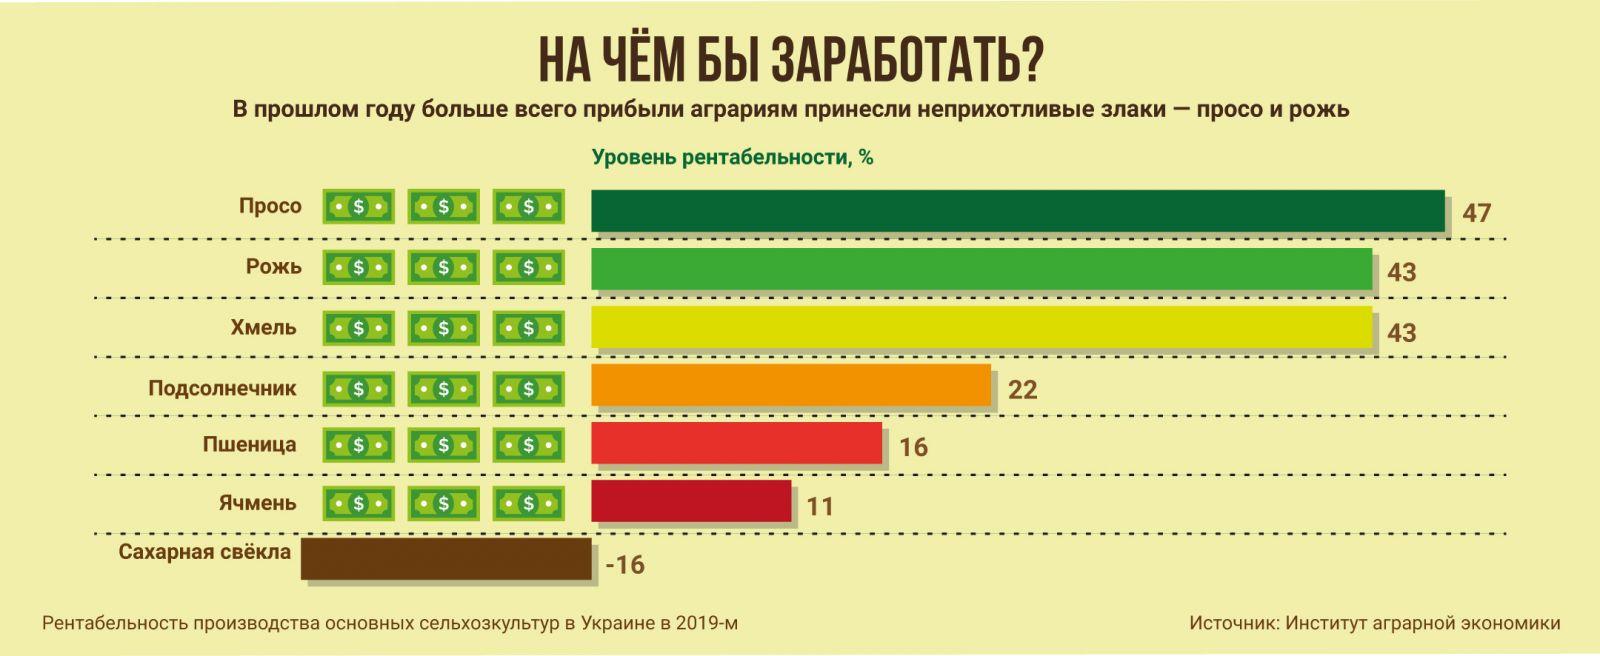 инфографика, уровень рентабельности, сельское хозяйство, просо, рожь, хмель, подсолнечник, пшеница, ячмень, свекла